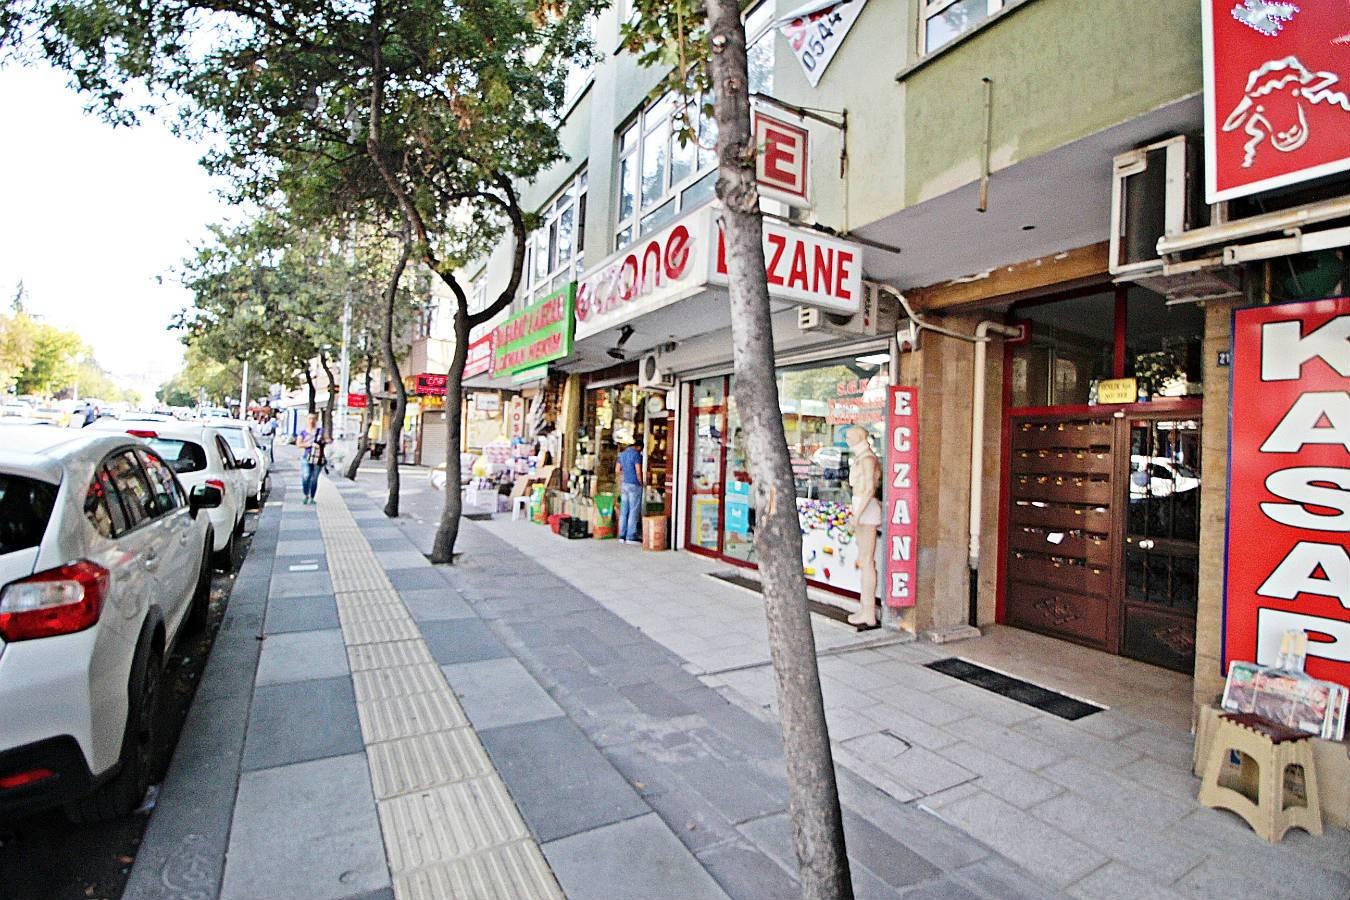 POLİS EVİ YAKINI CADDE ÜZERİ 3+1 145M2 BAĞIMSIZ FULL YAPILI